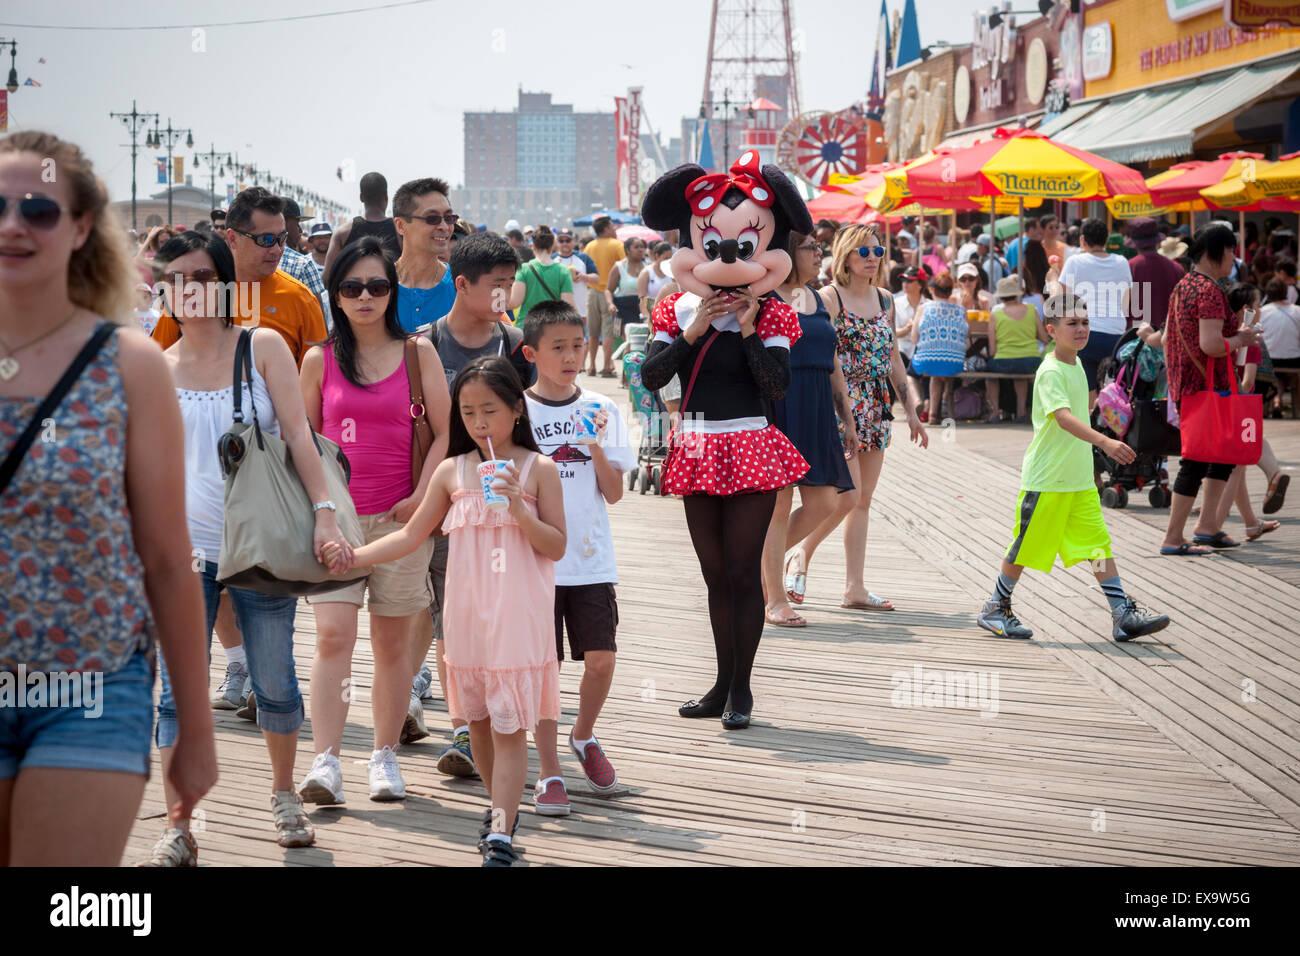 Personaggi in costume sollecitare suggerimenti su di una passerella su un caldo seasonably Domenica, 5 luglio 2015 Immagini Stock